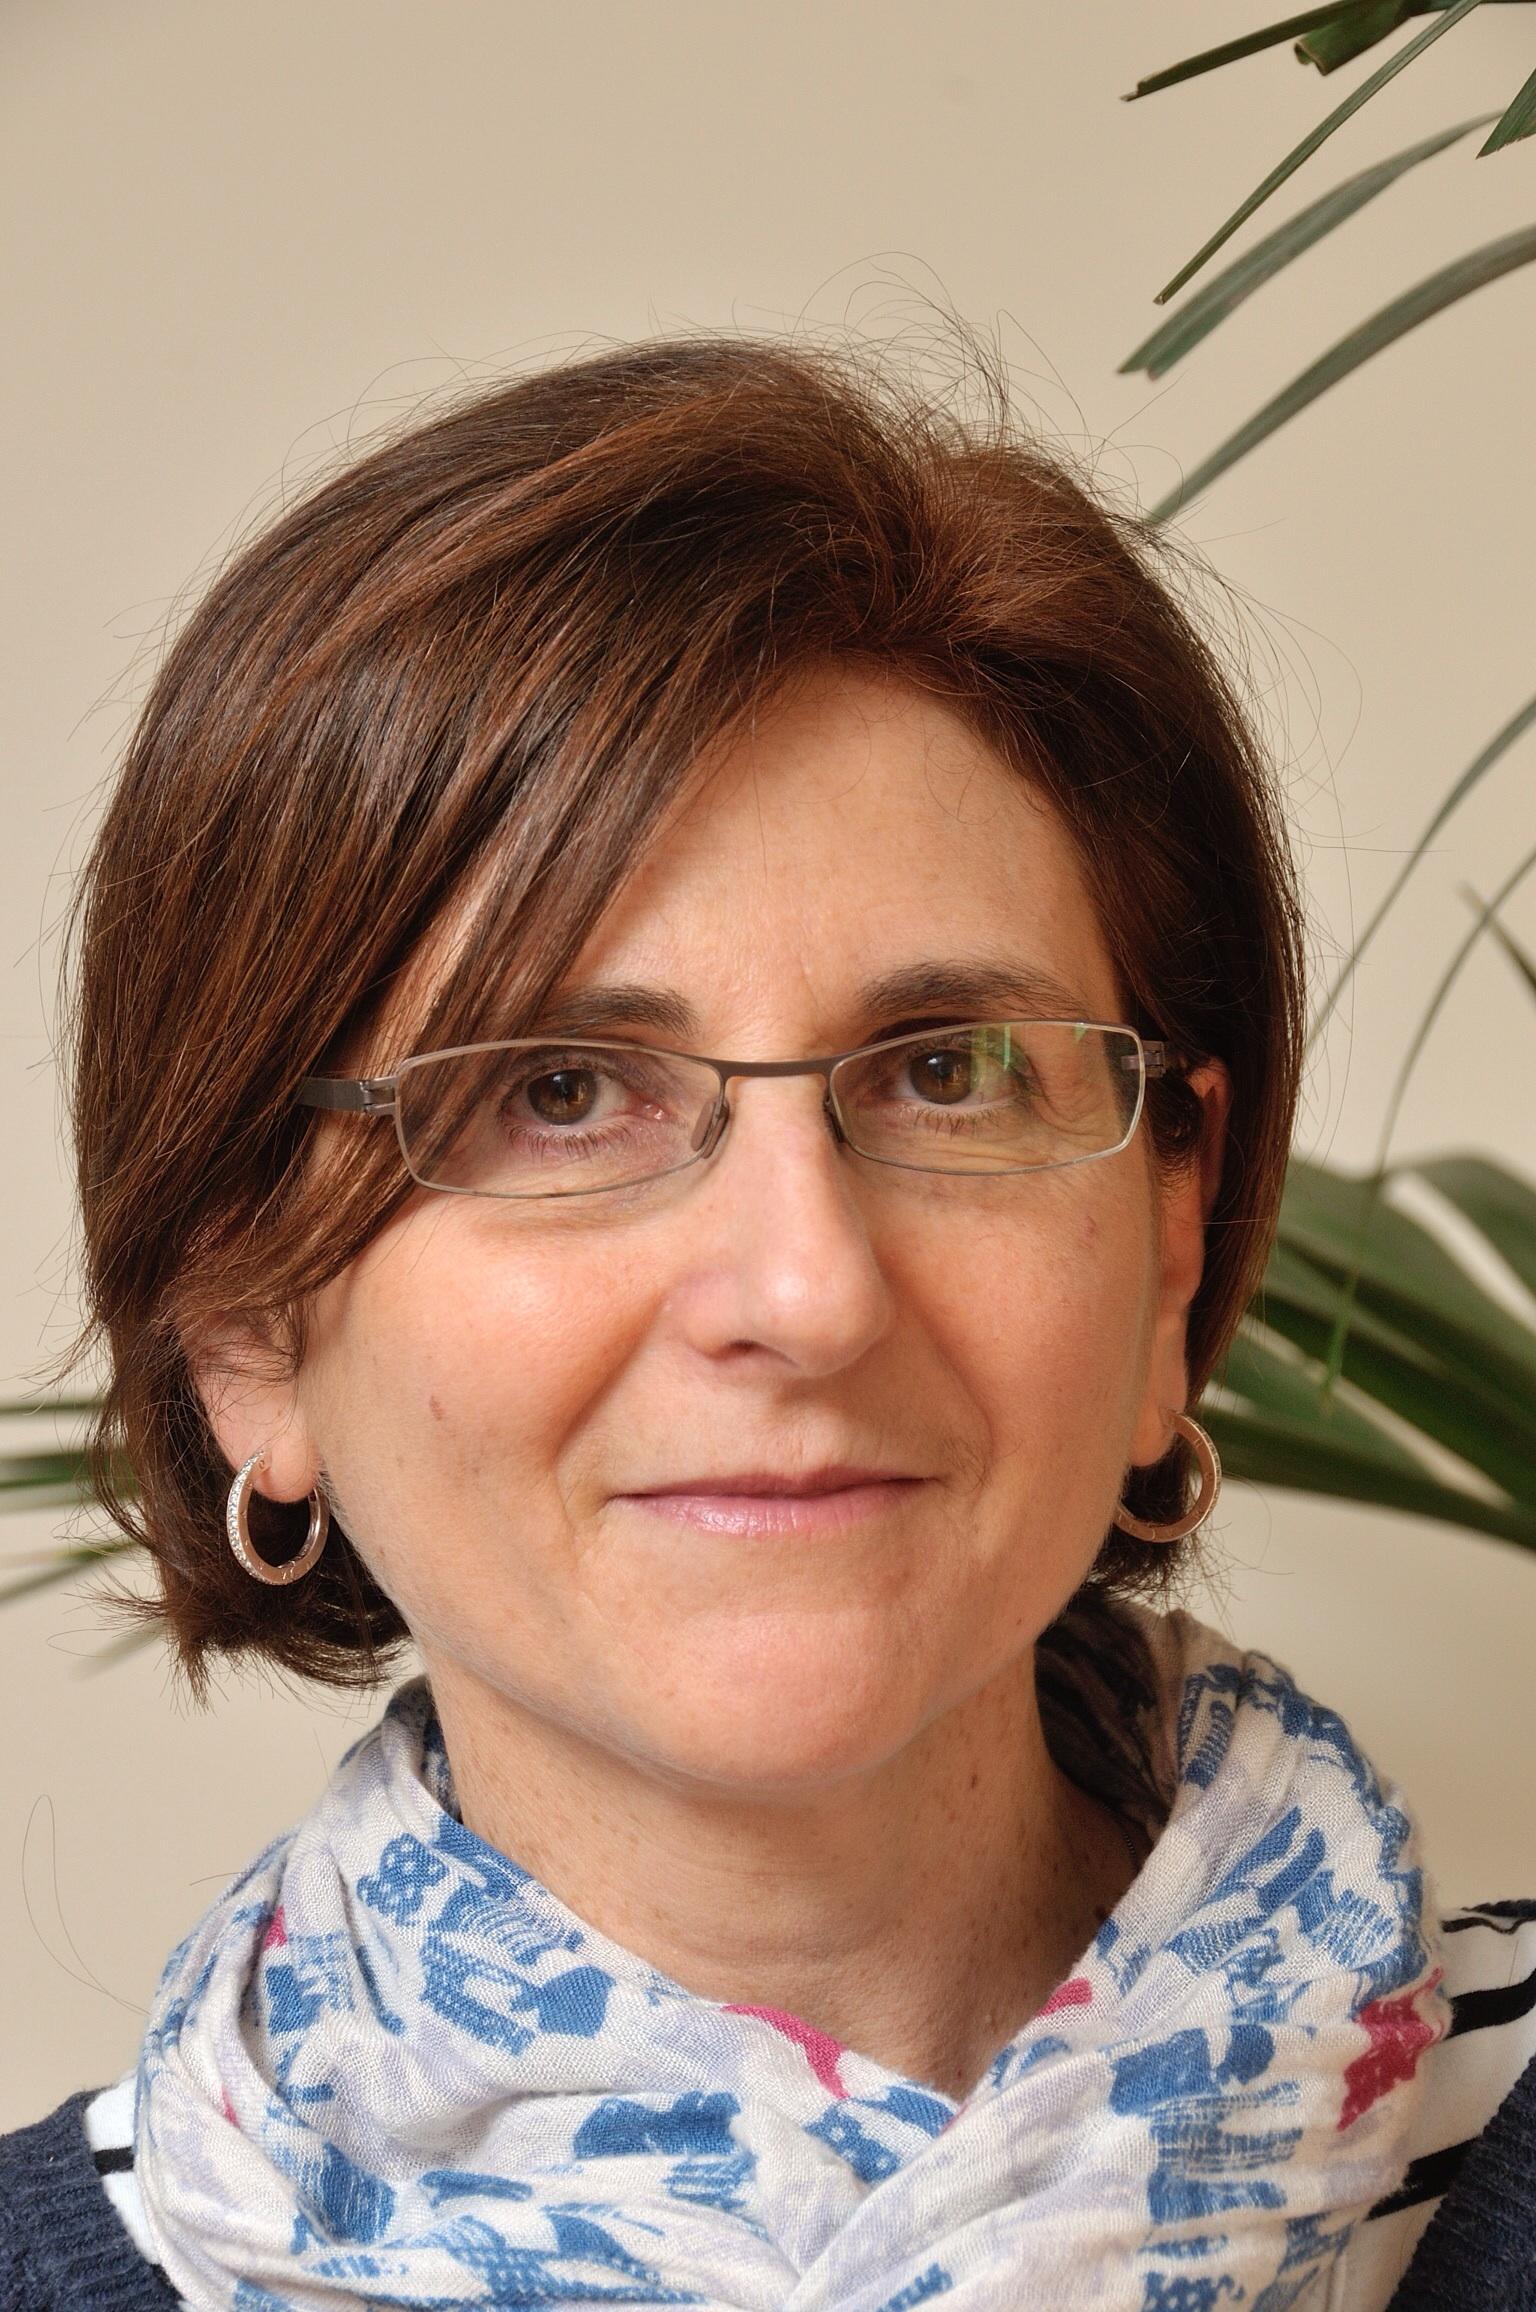 Ms. Stefania Tutor